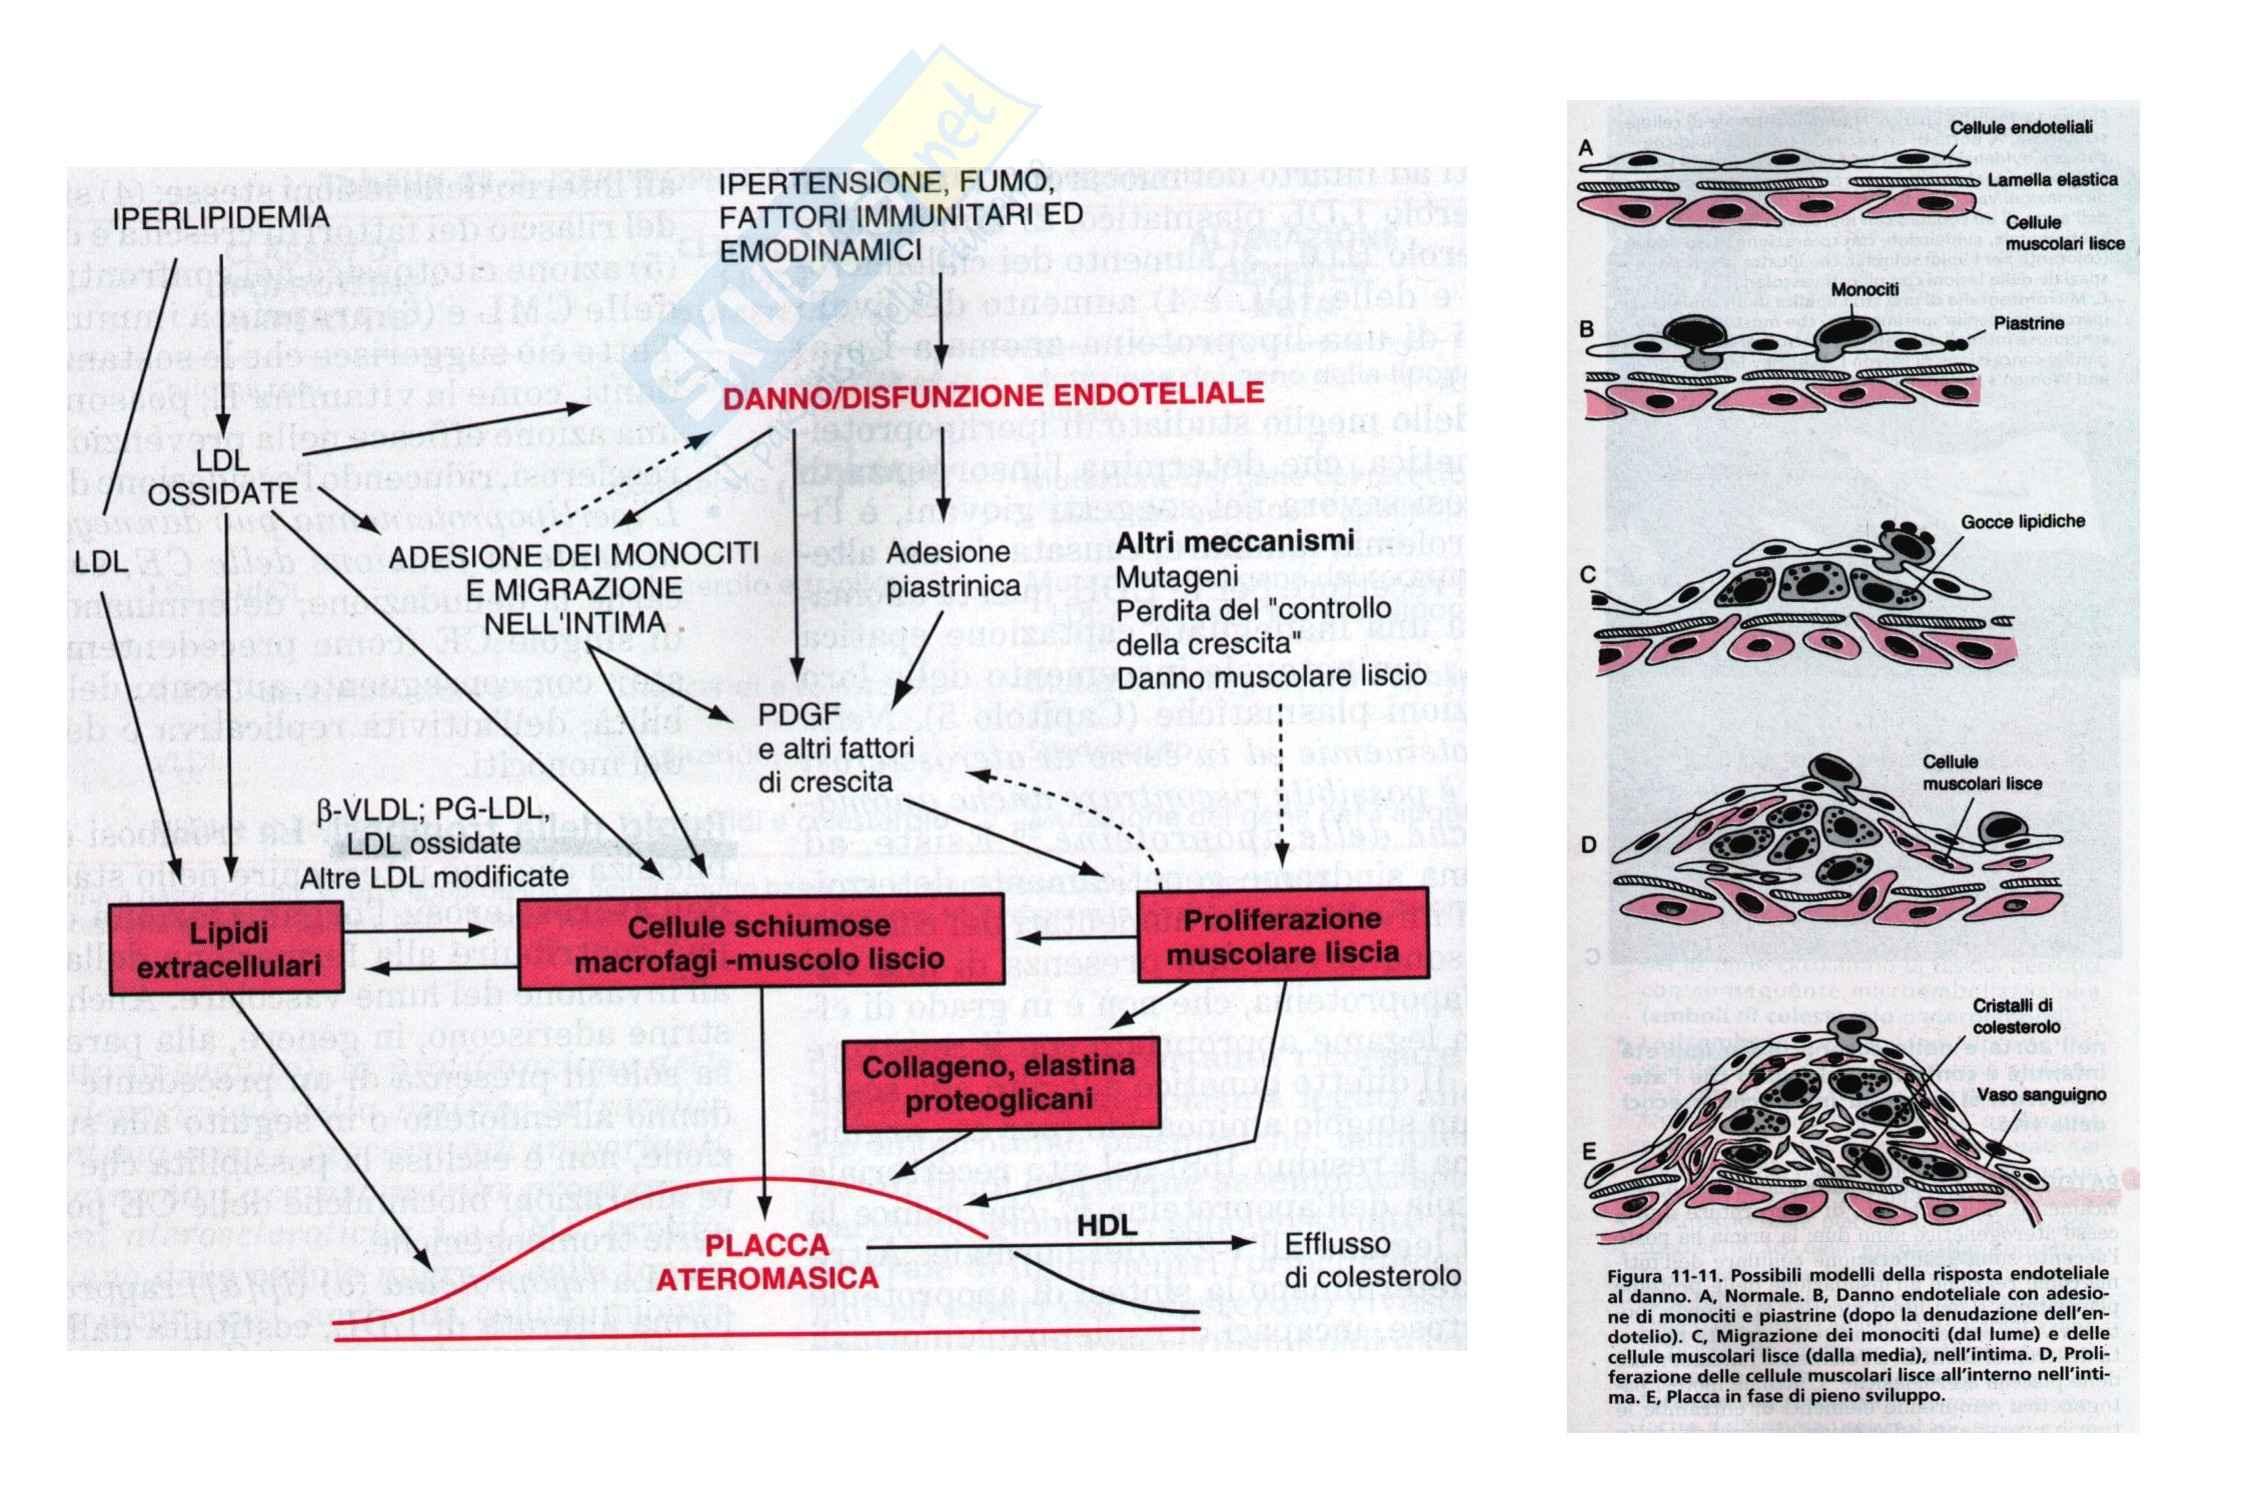 Cardiochirurgia - arteriopatia cronica ostruttiva arti inferiori Pag. 11